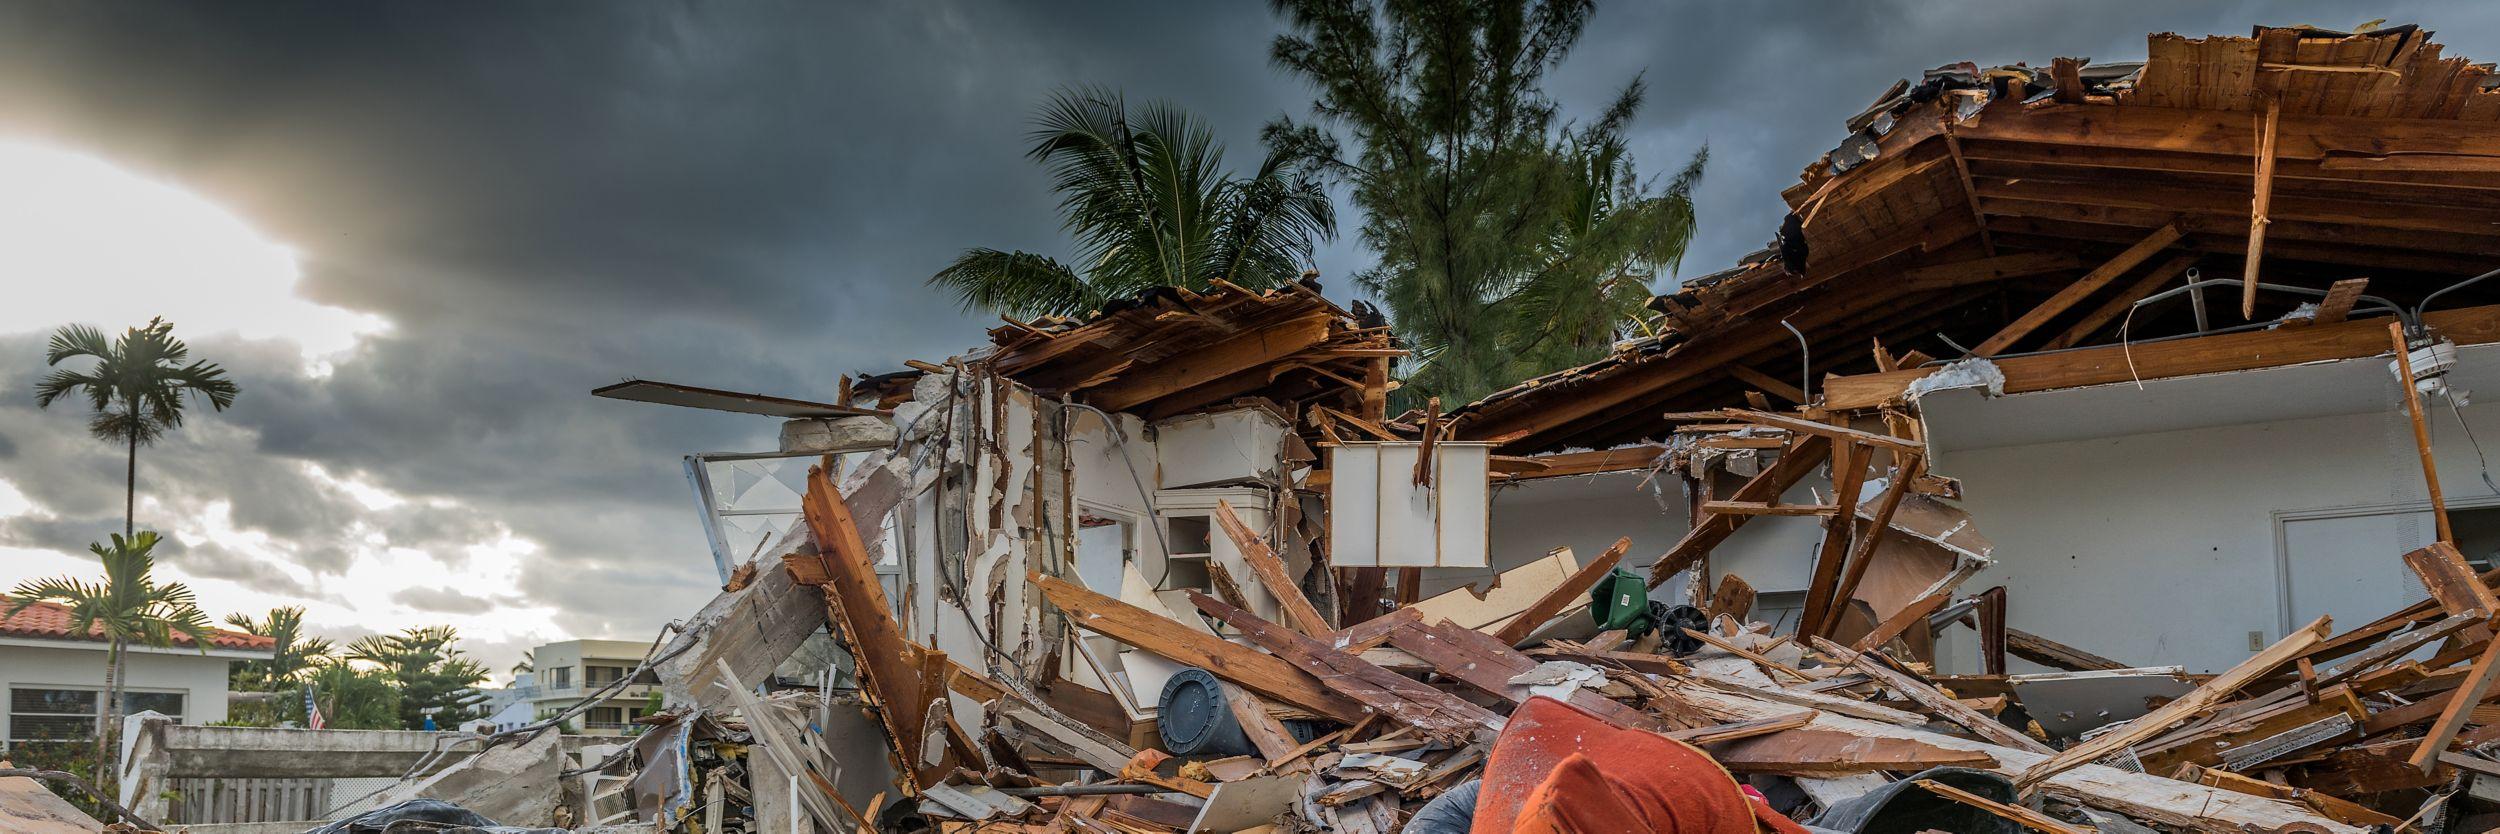 Secours en cas de catastrophe auprès de la Croix rouge américaine